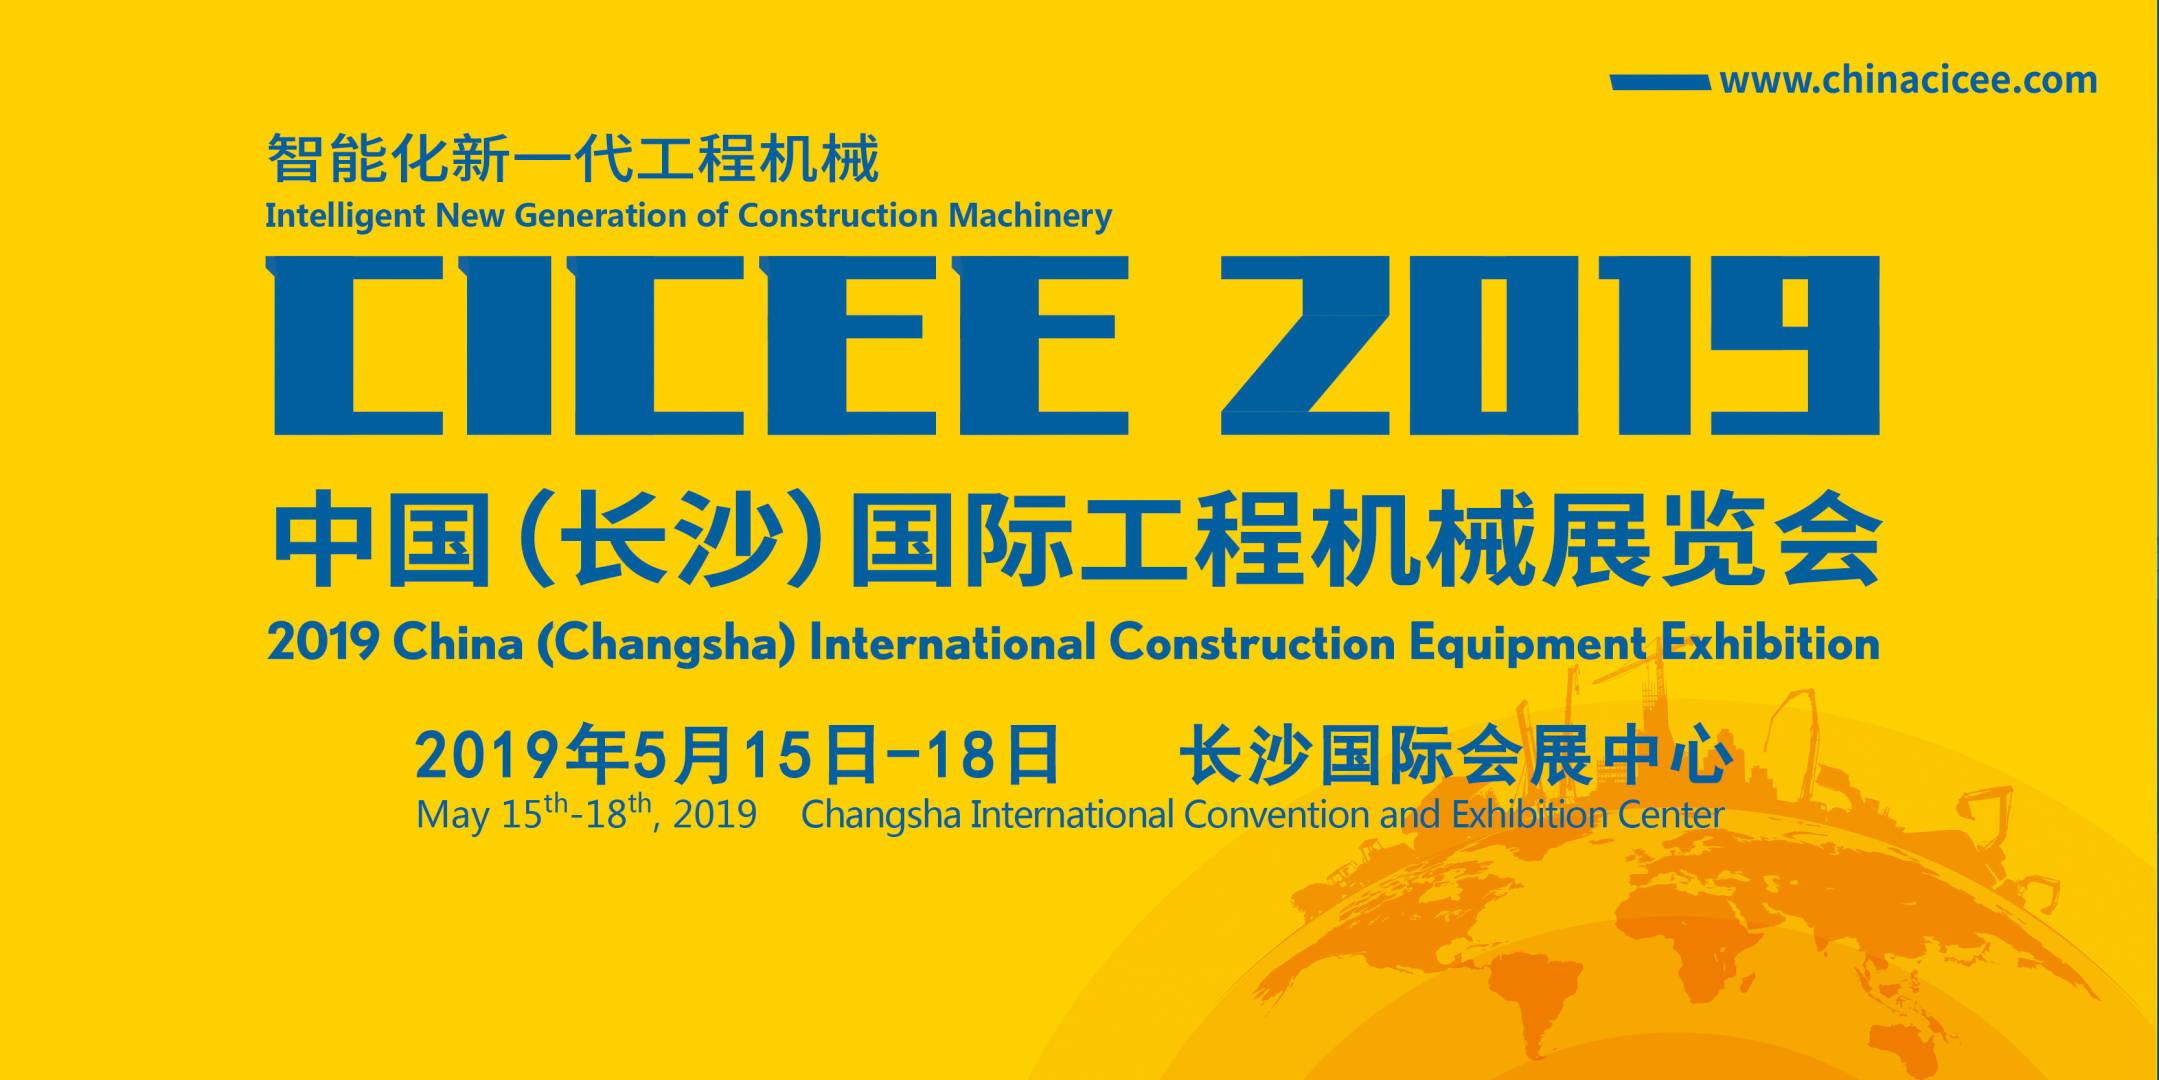 1150家企业闪耀亮相!2019长沙国际工程机械展15日开幕